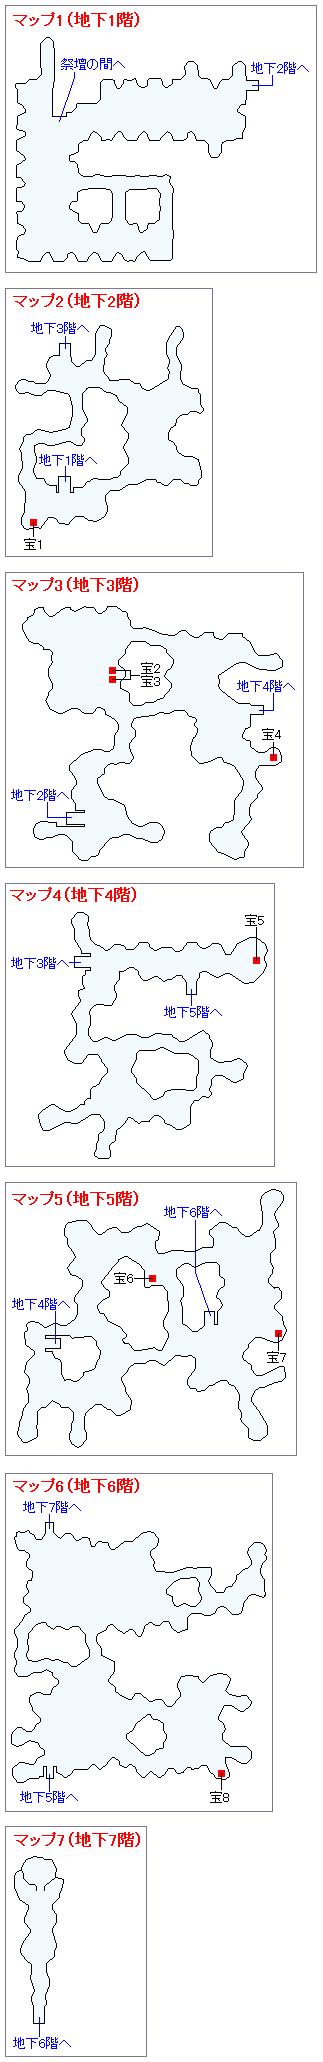 見えざる魔神の道(IX:星空の祭壇)のマップ画像